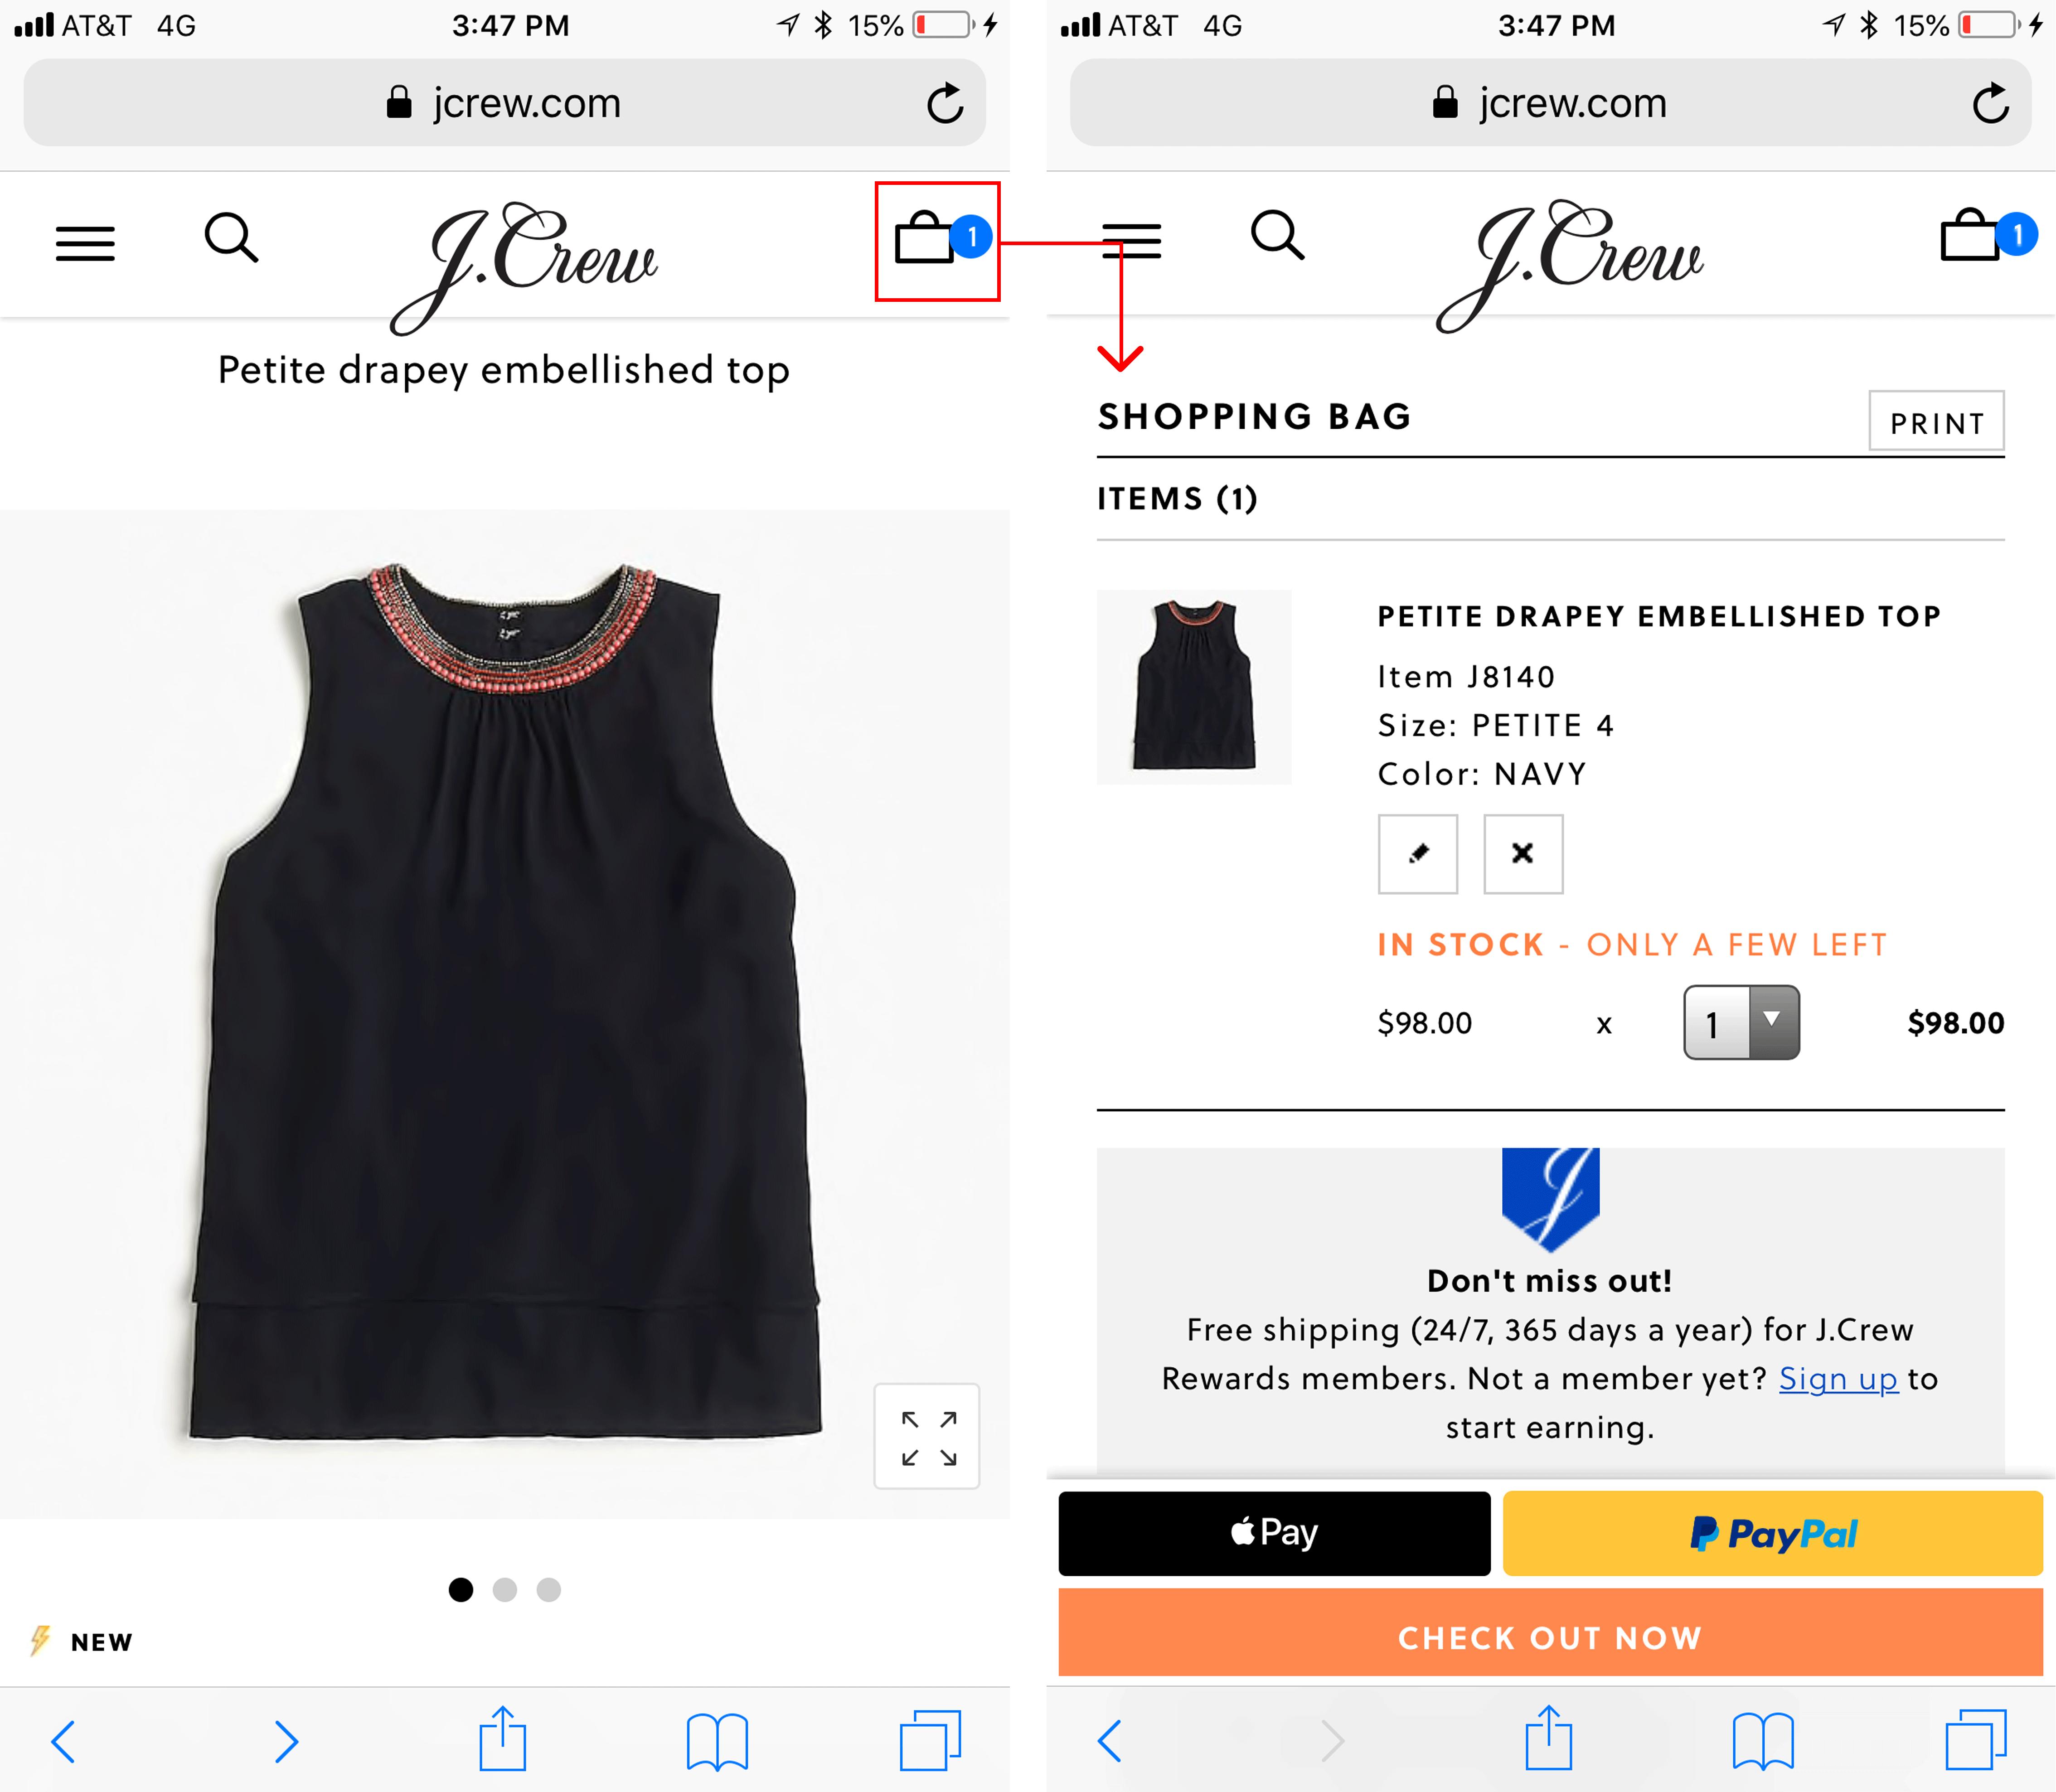 چطور یک تجربه خرید خوب را برای کاربرها رقم بزنیم؟